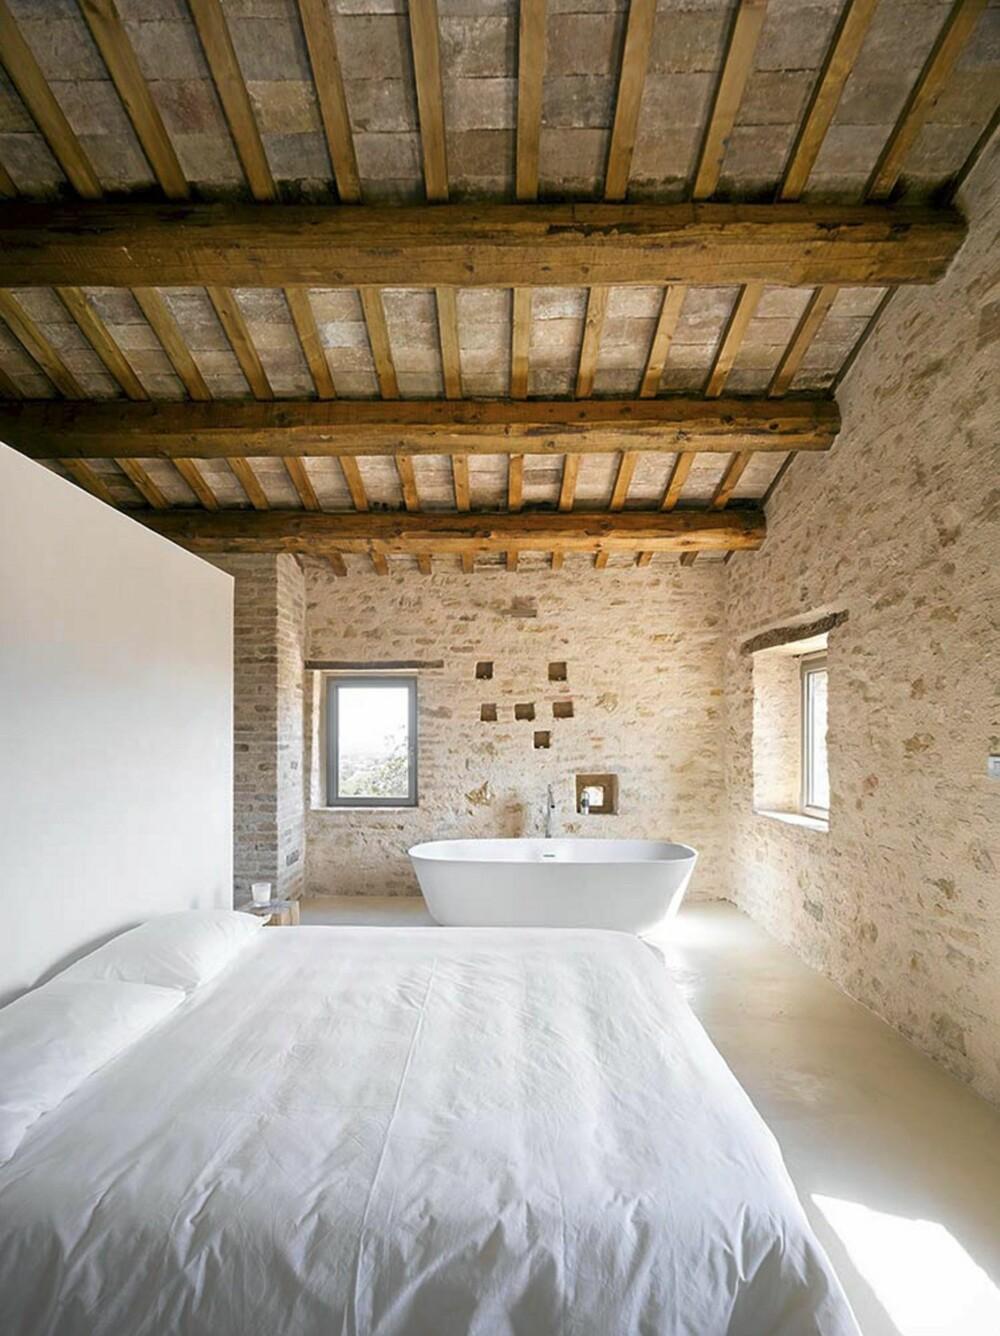 LUFTIG: De luftige soverommene har et rustikt og åpent uttrykk.